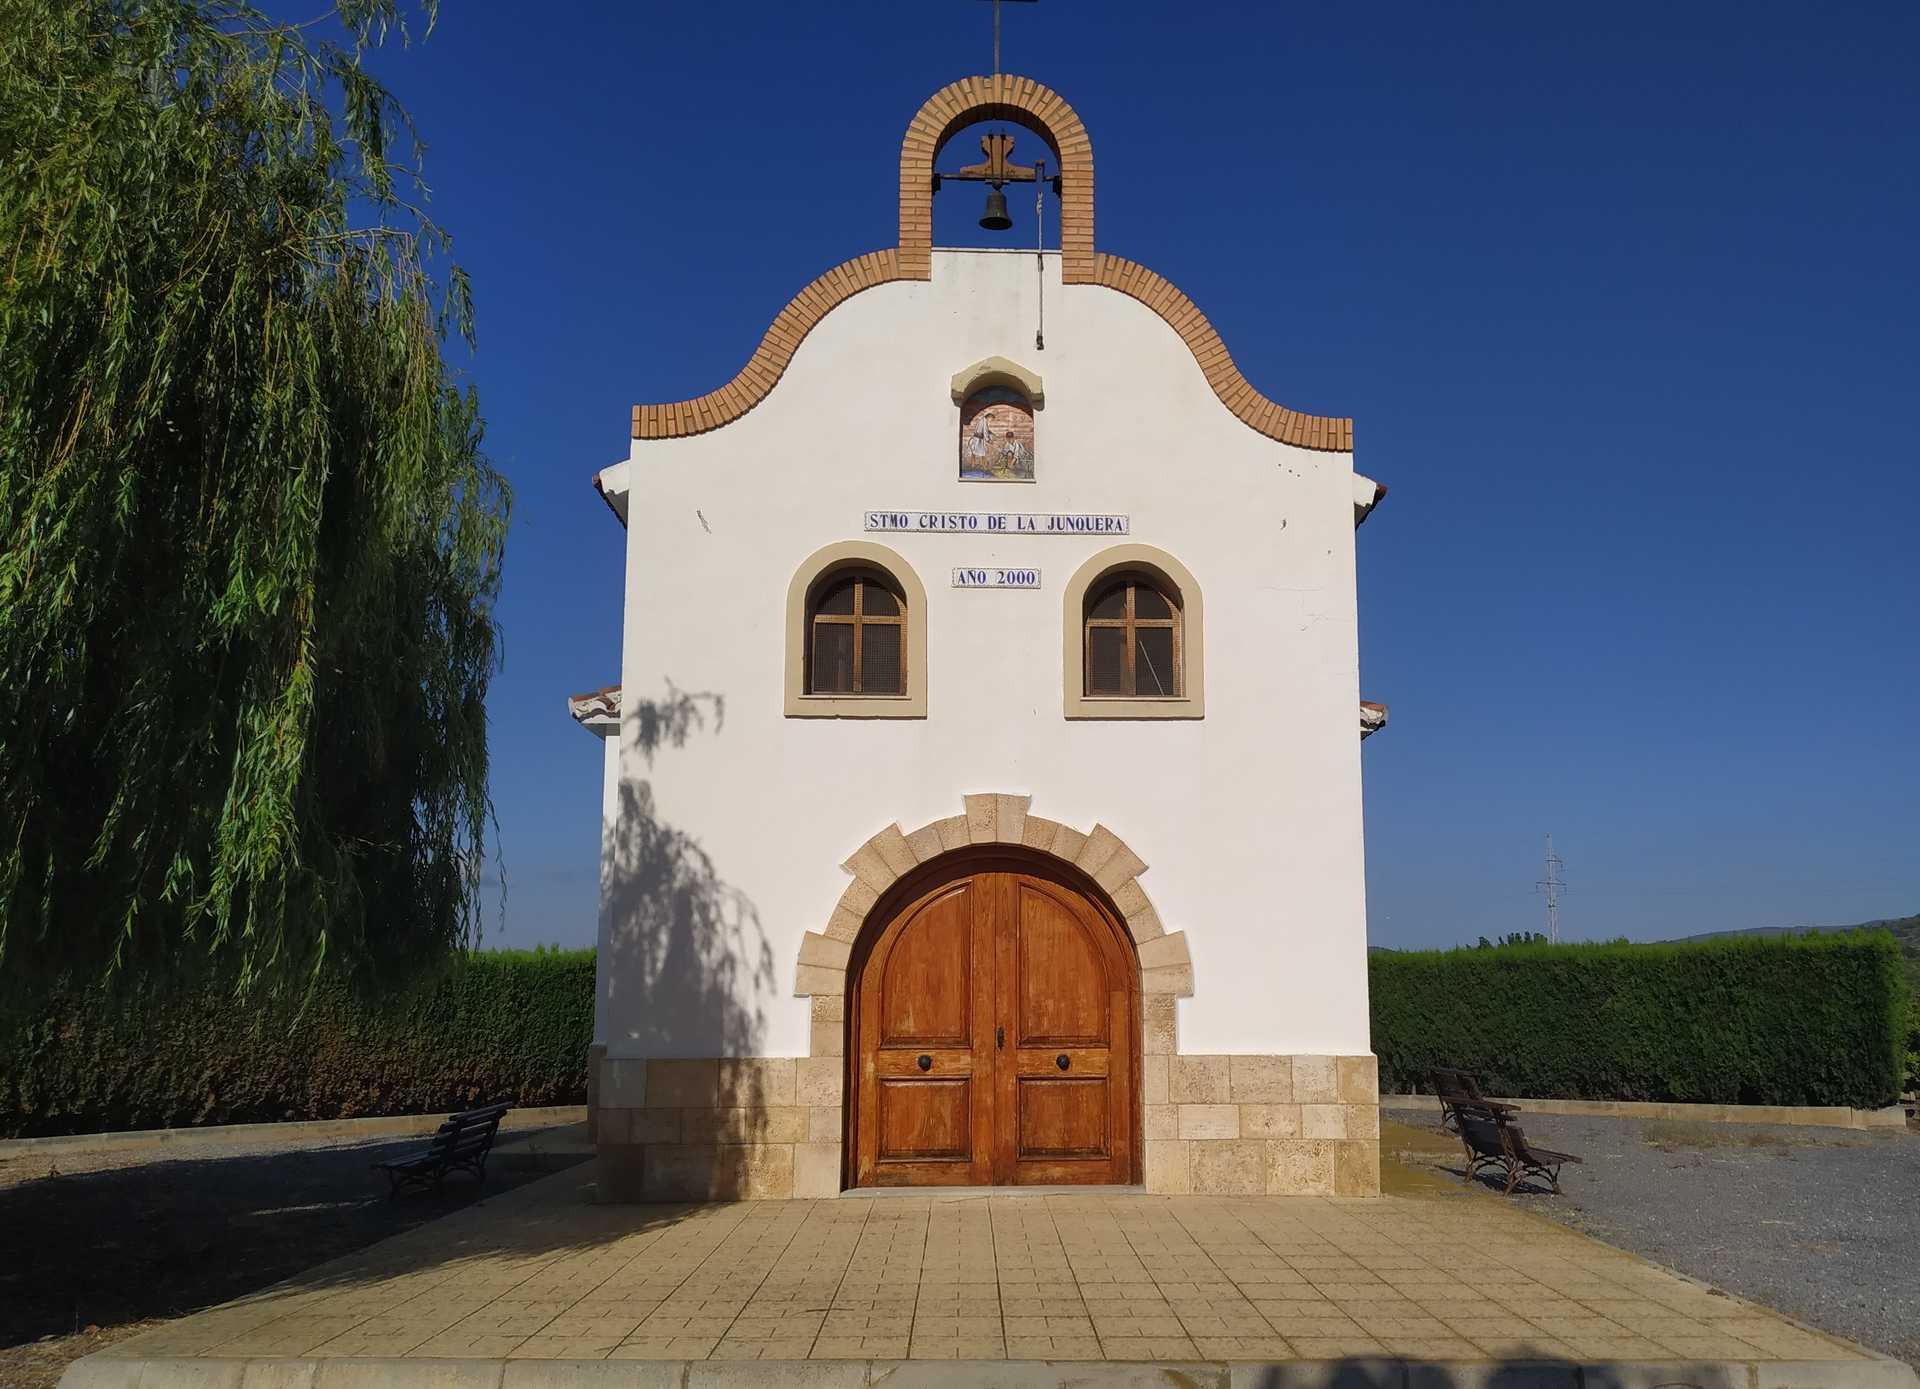 Ermita Cristo de la Junquera